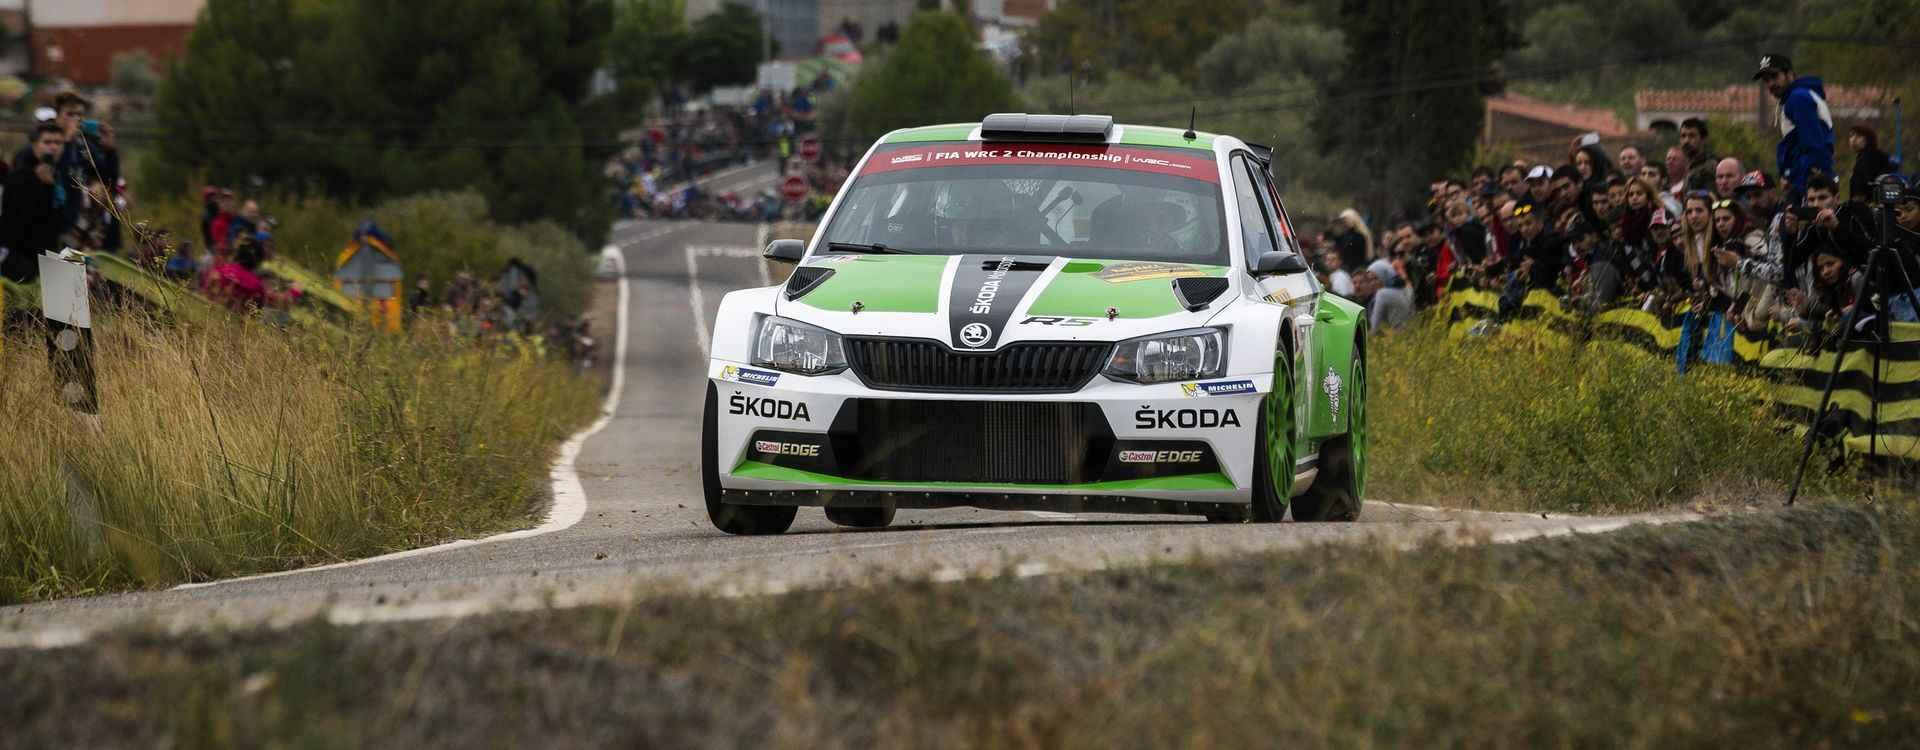 Katalánská rally: Double a titul pro tým Škoda Motorsport